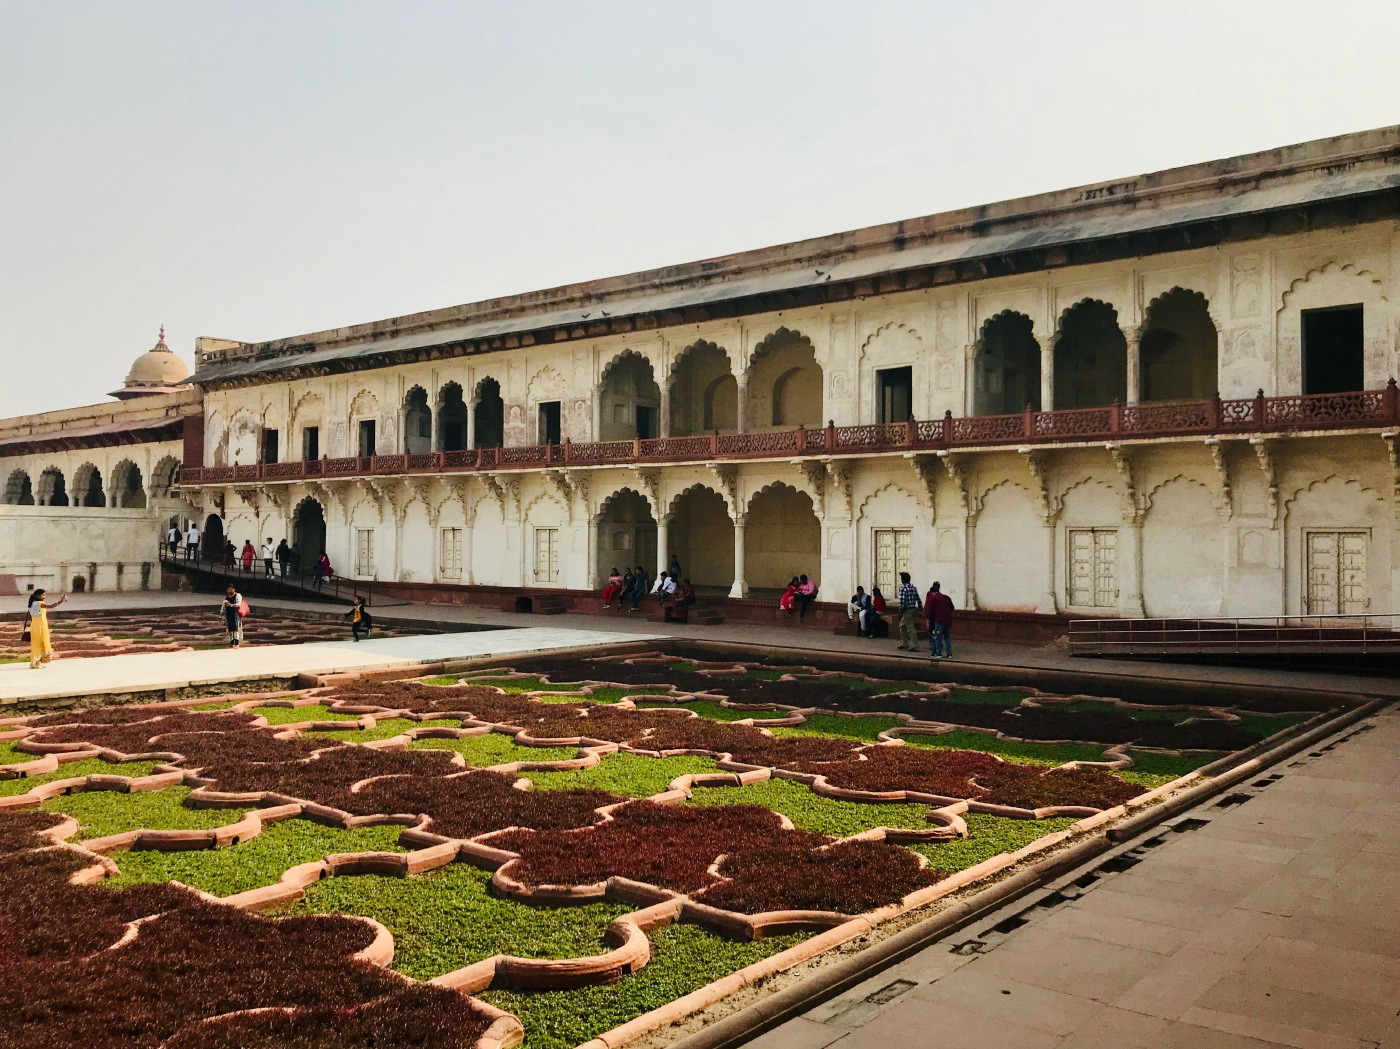 Agra (21 au 23 novembre)_11.JPG